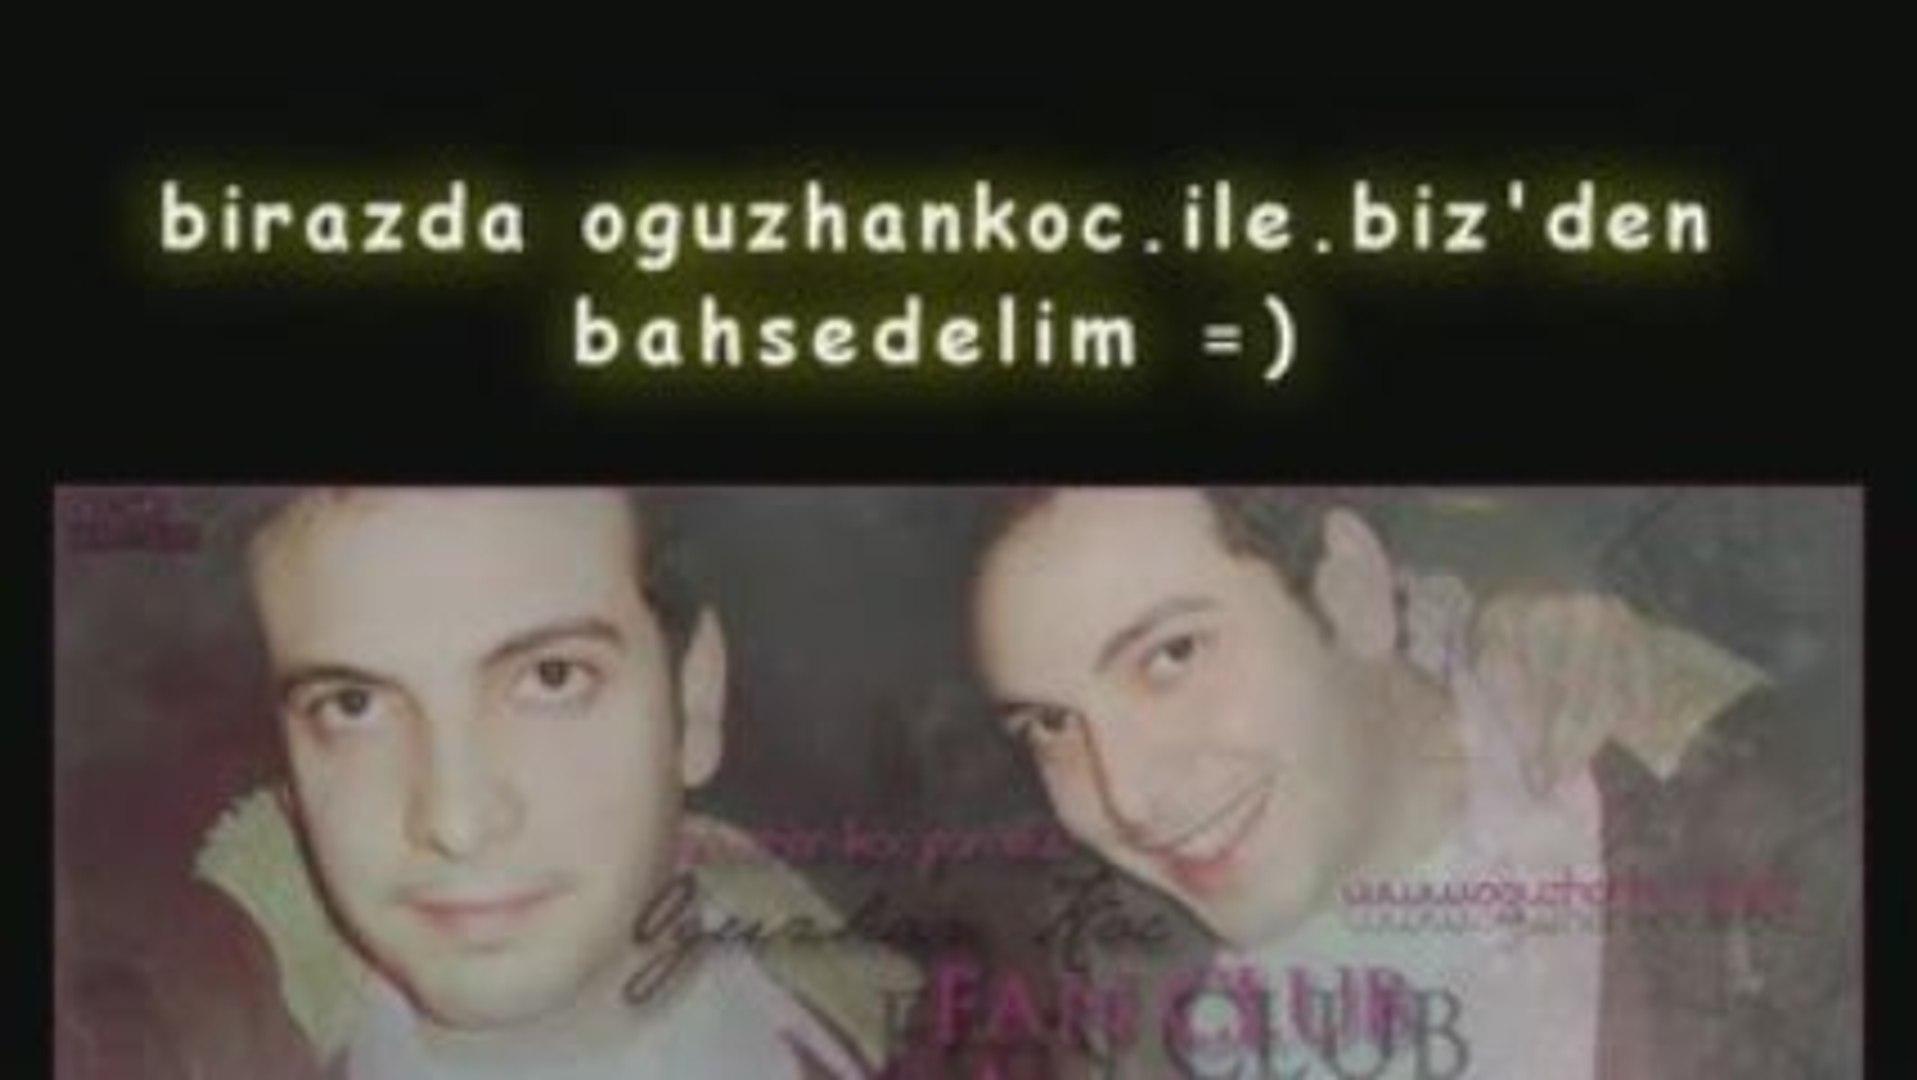 Oguzhan Koc ...